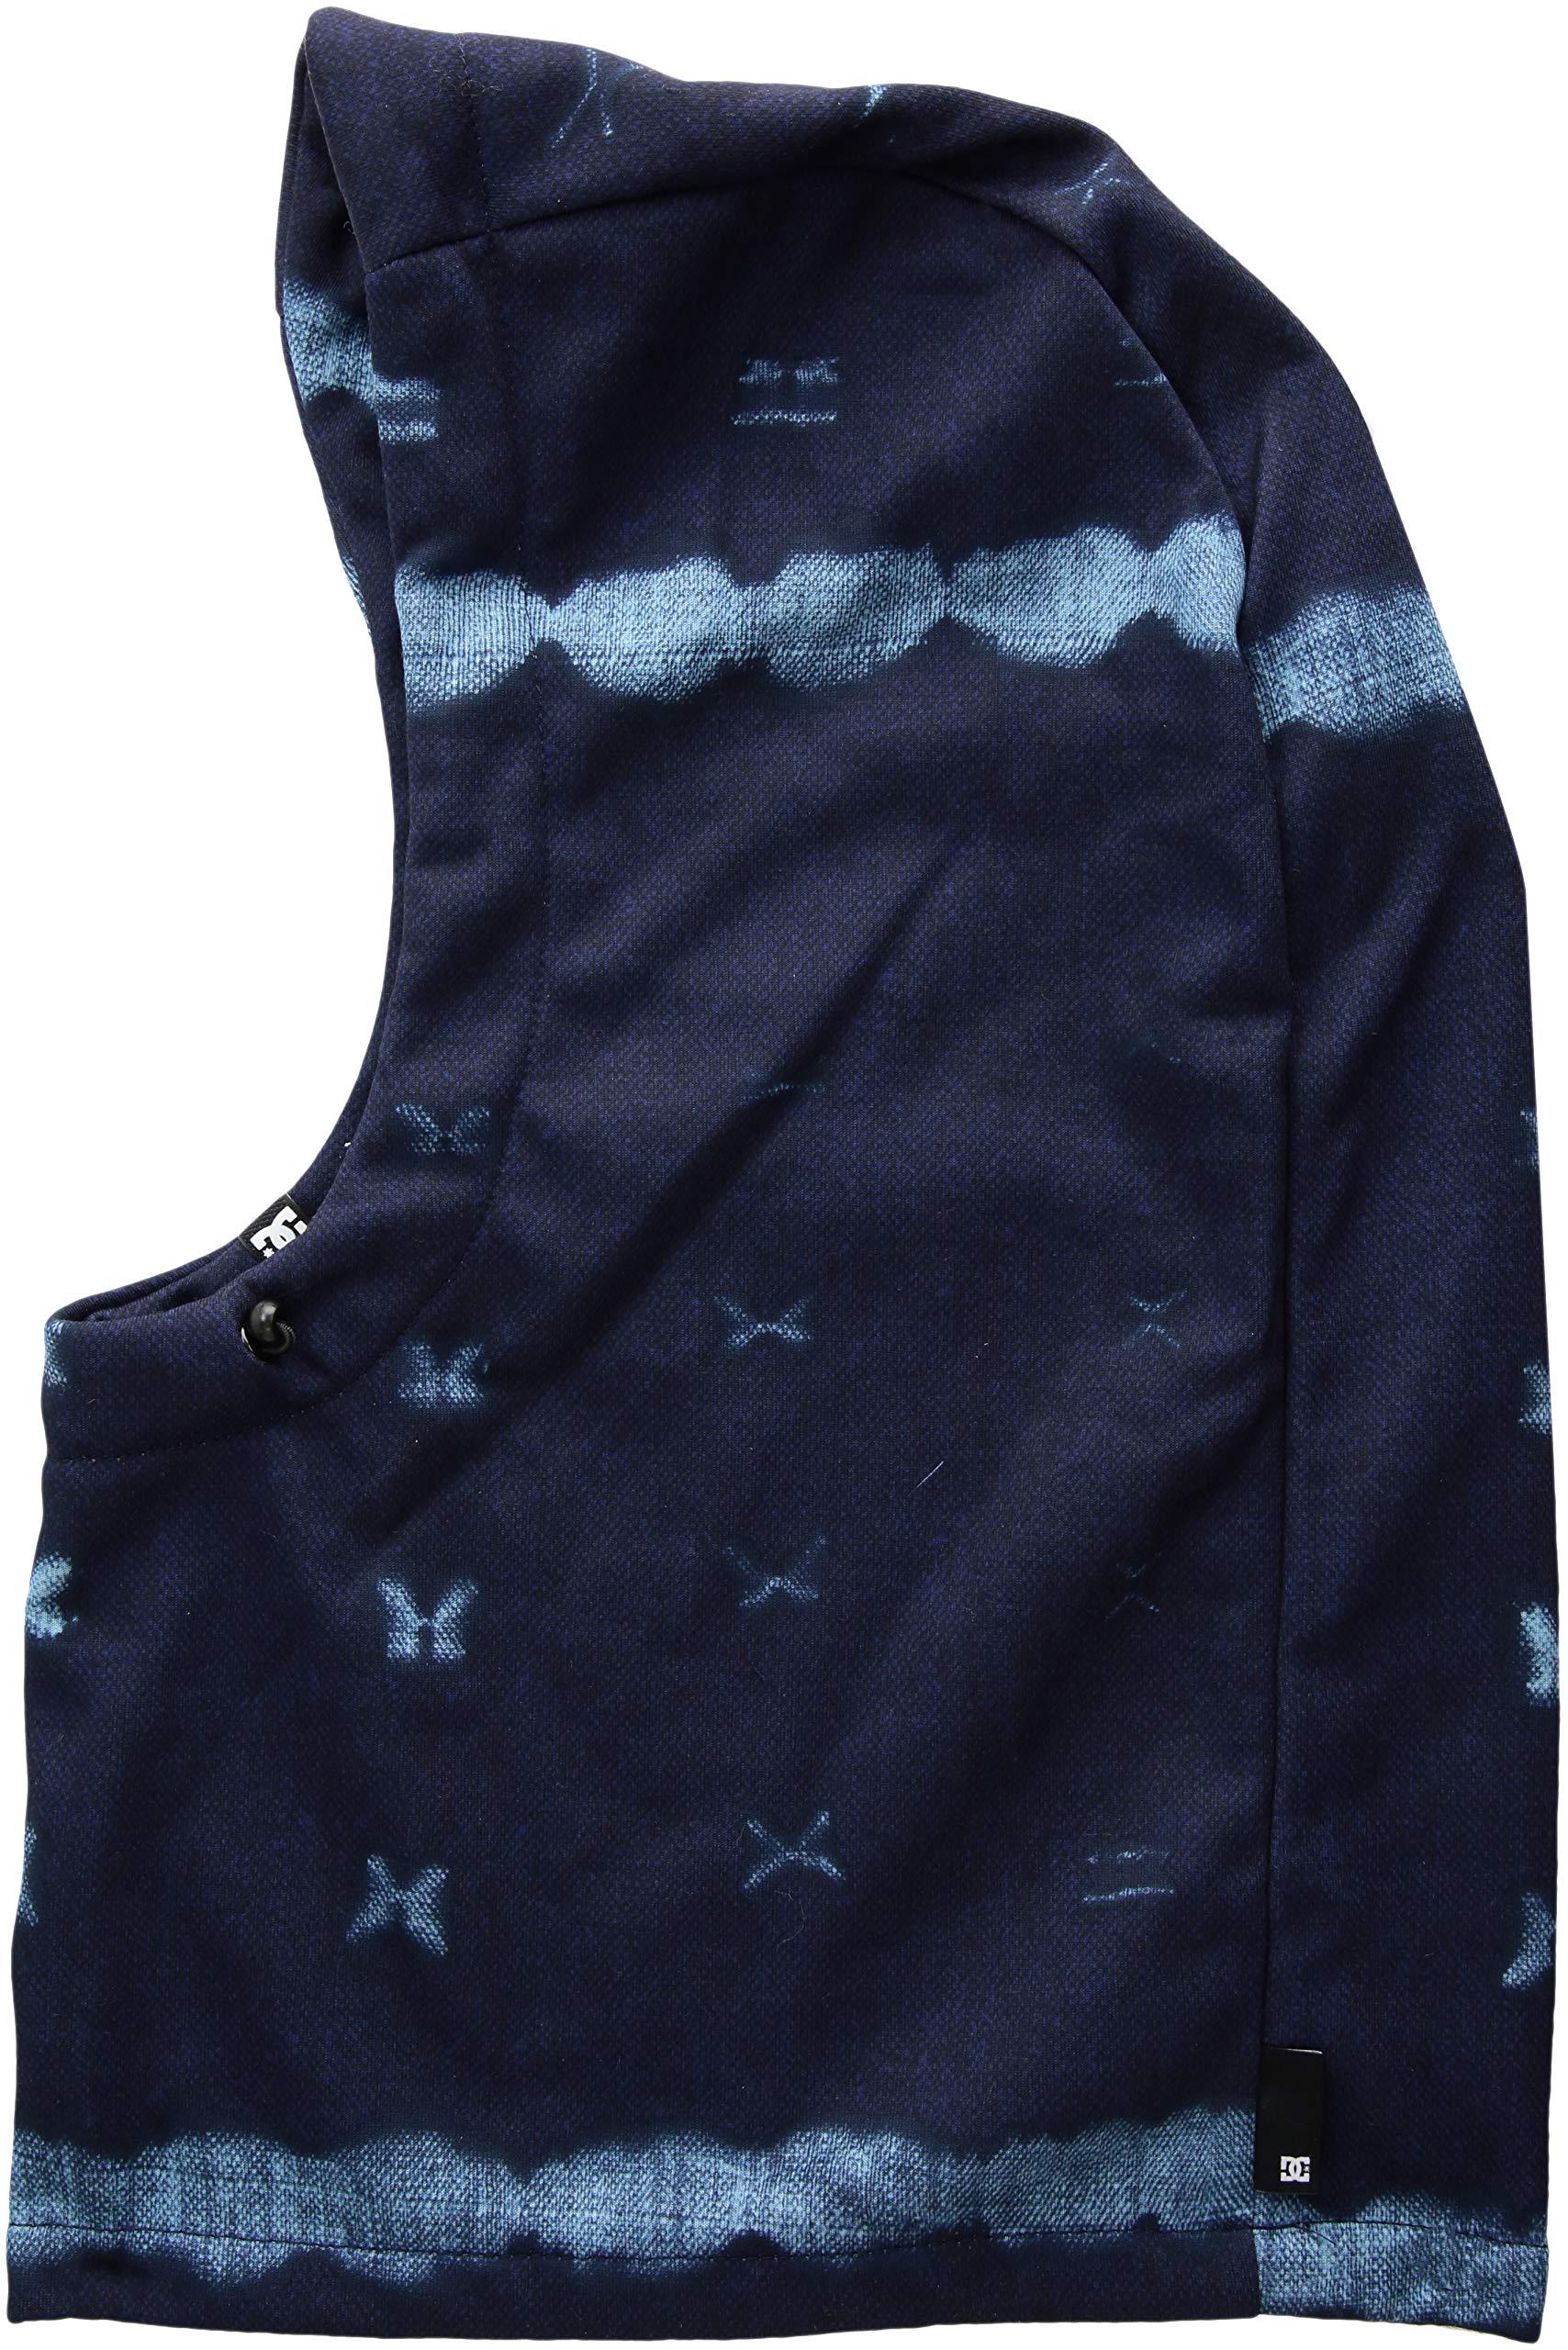 DC Apparel Women's HOODACLAVA Neck Warmer, dark blue mud CLOTH b, One Size by DC Apparel